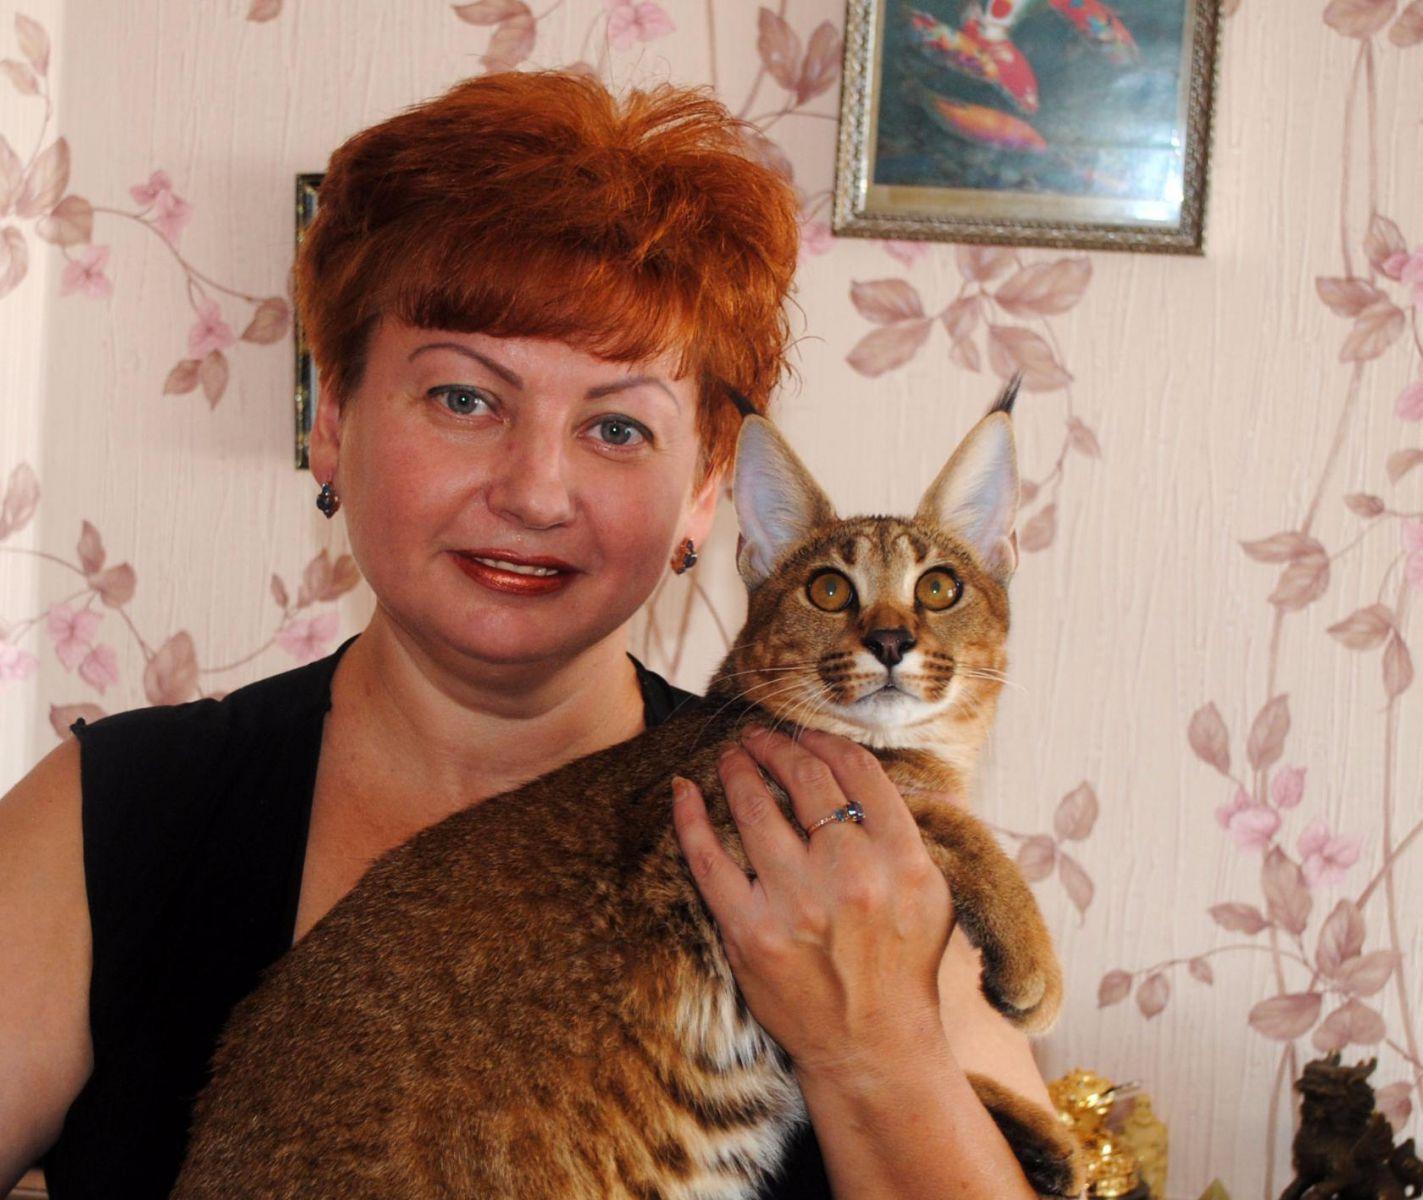 Малышка на миллион: женщина променяла автомобиль на самую дорогую кошку в мире